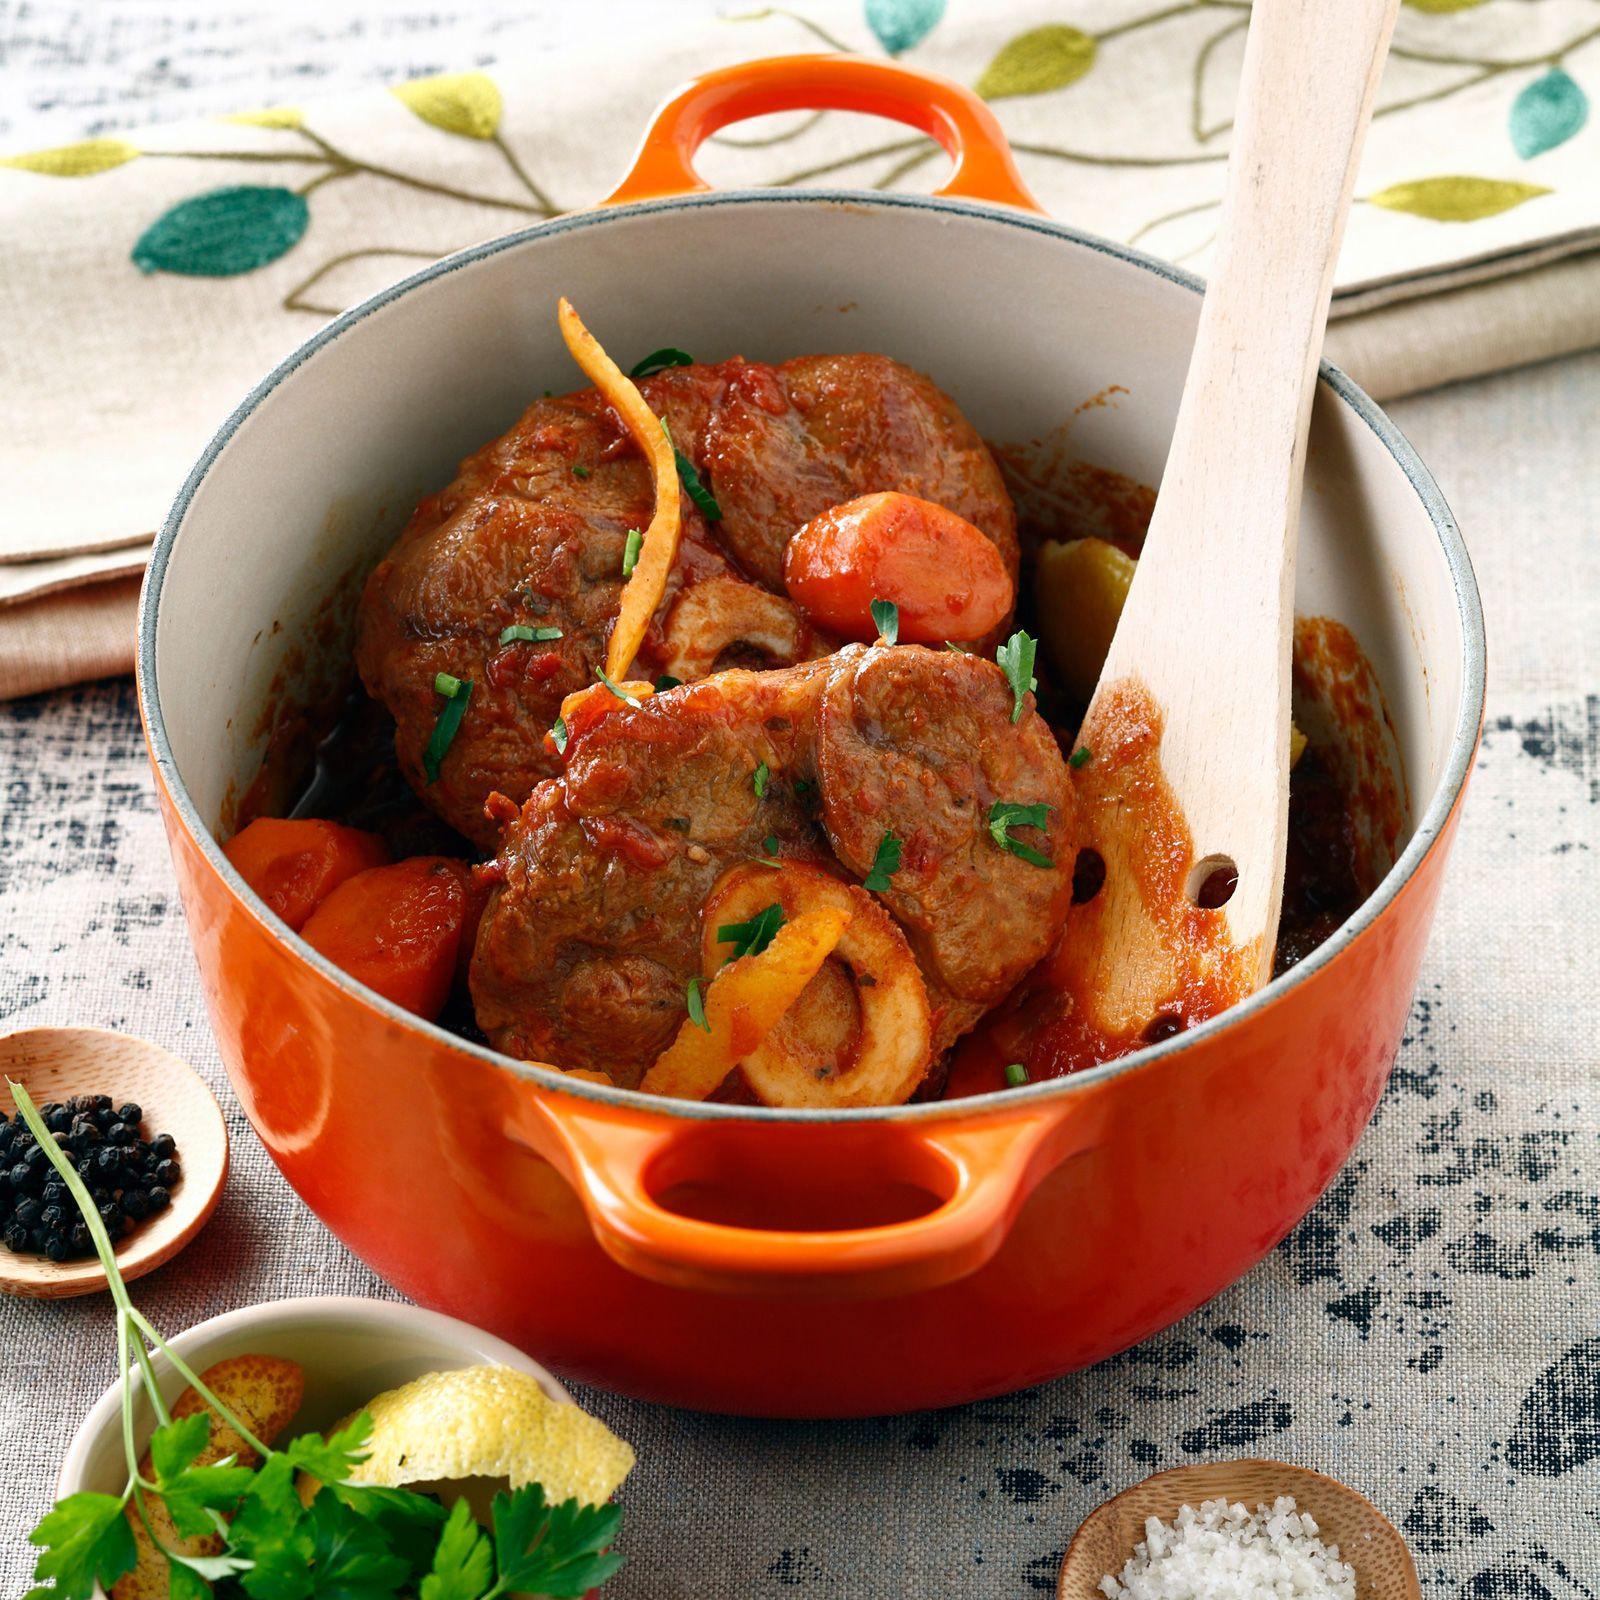 Osso bucco de veau recette veaux viande et plat - Recette osso bucco veau ...